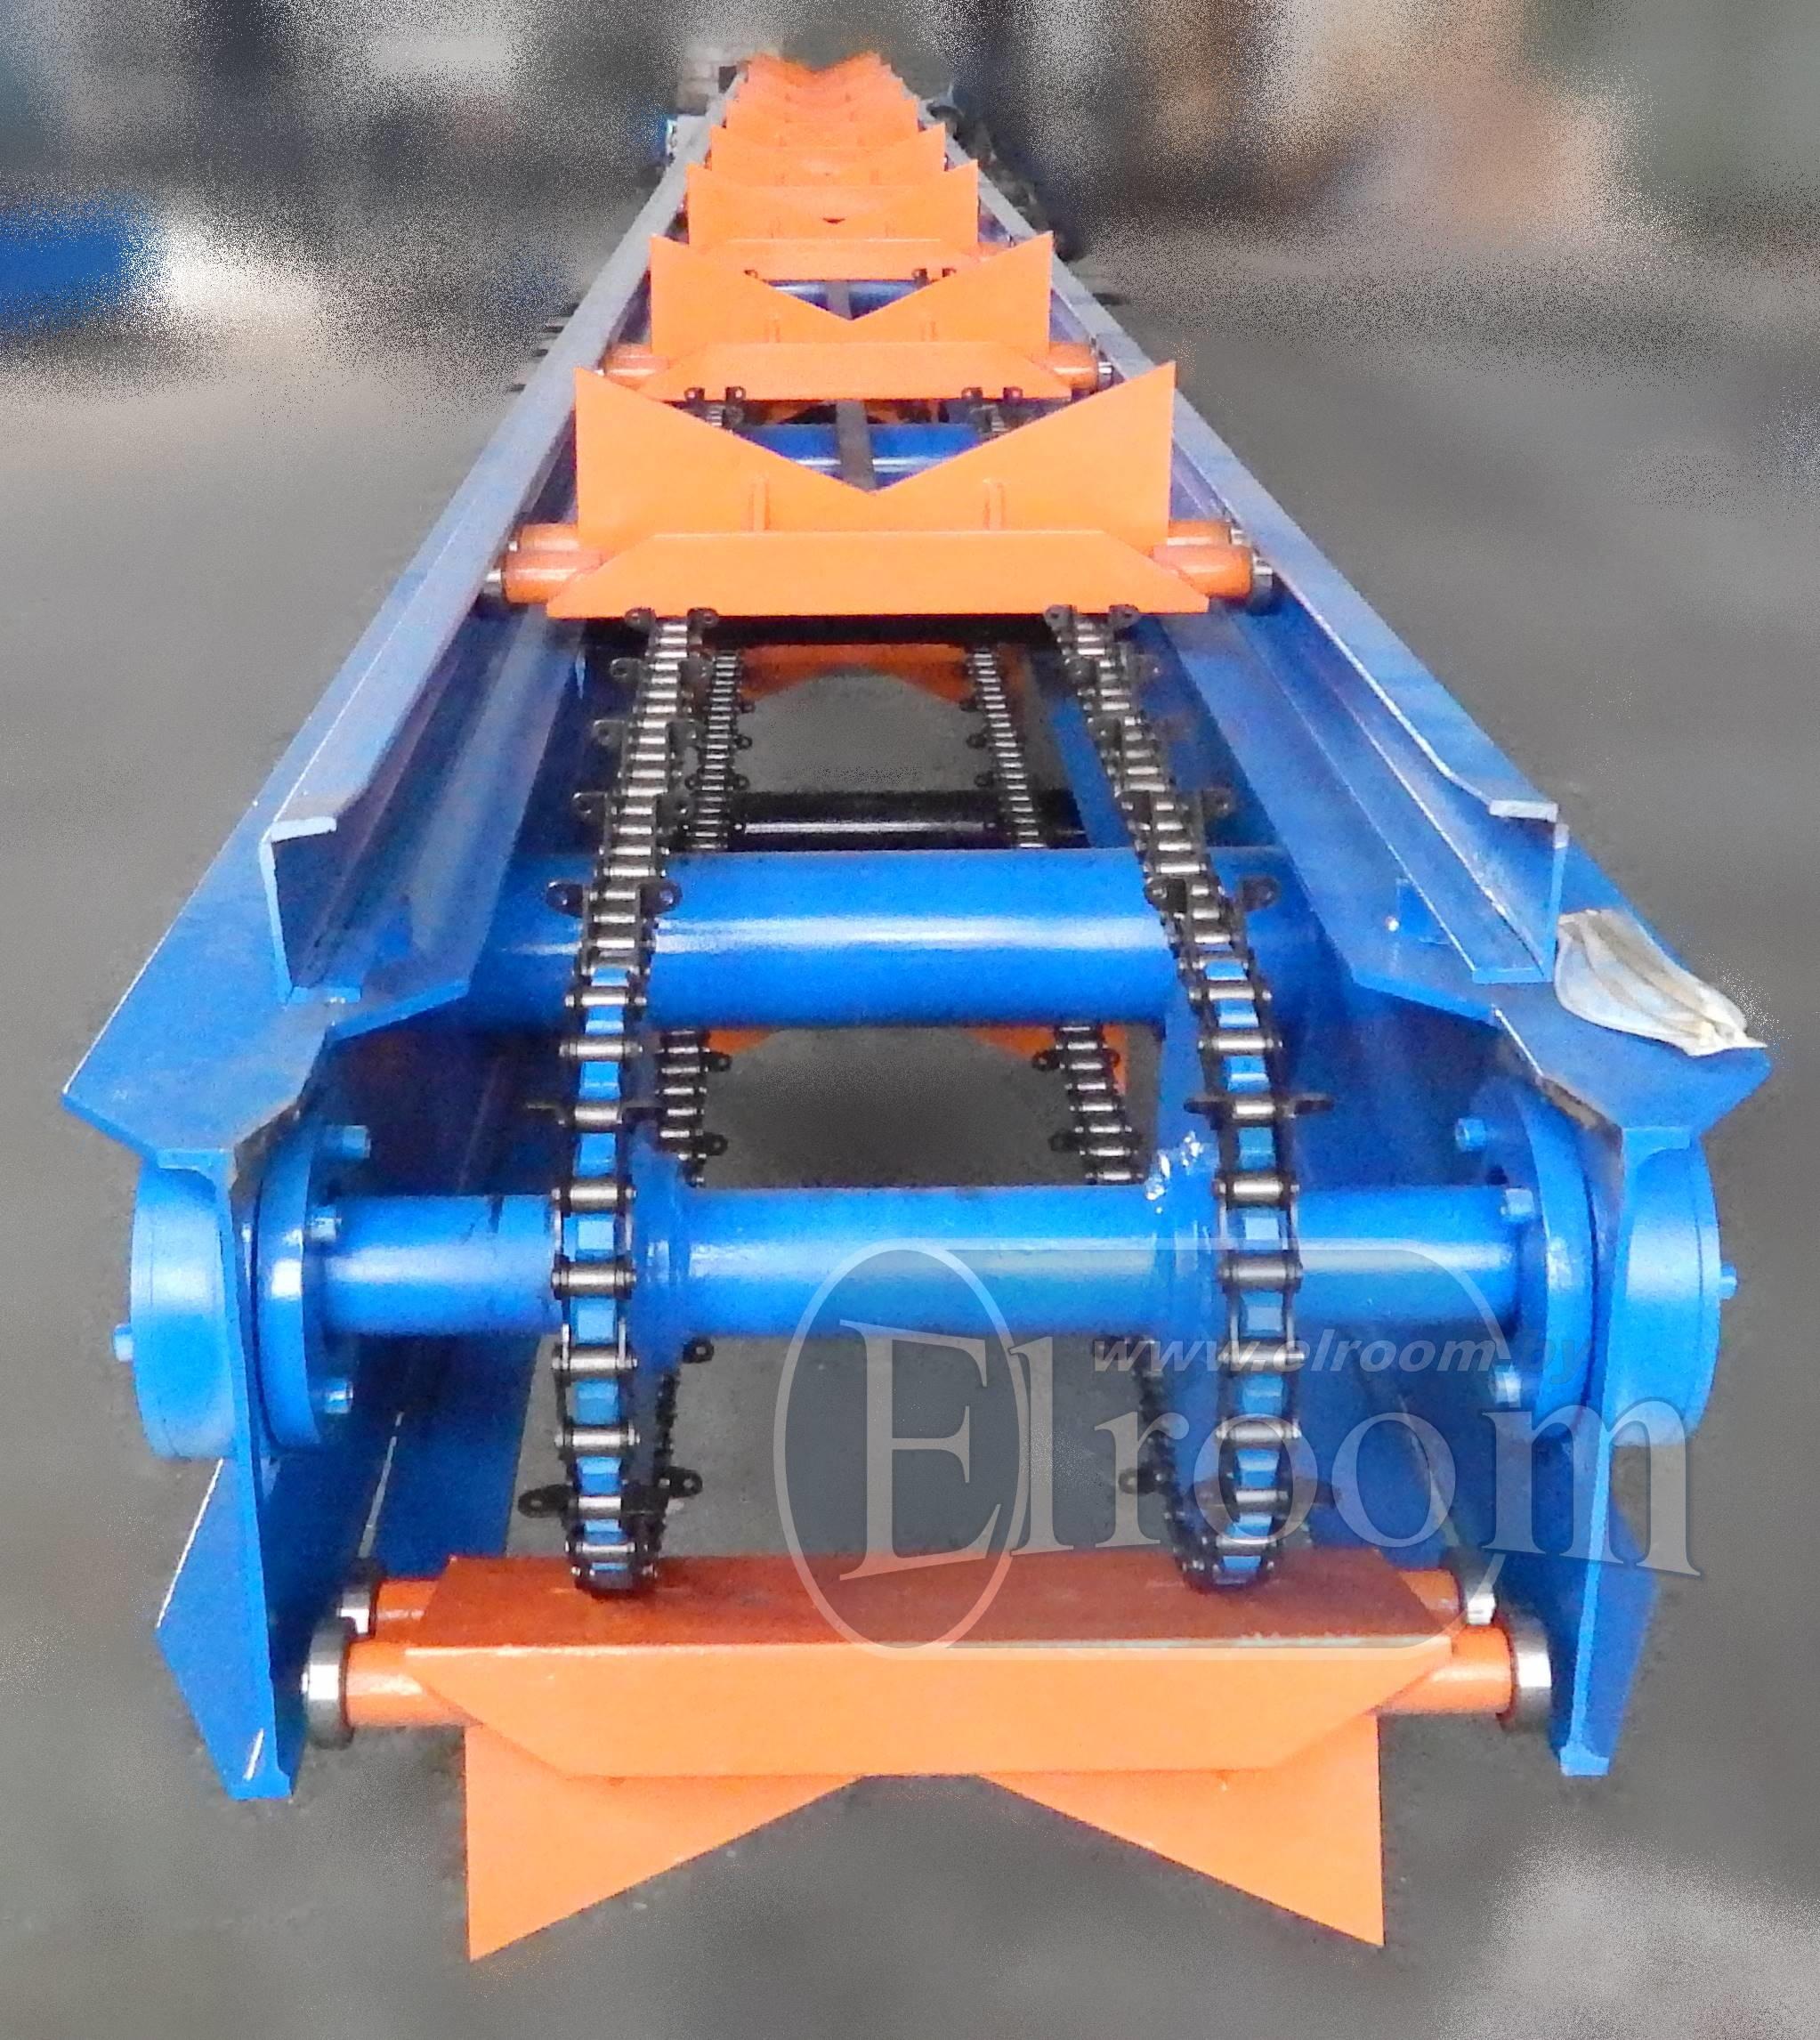 Гранд транспортер вакансии клапан n75 транспортер